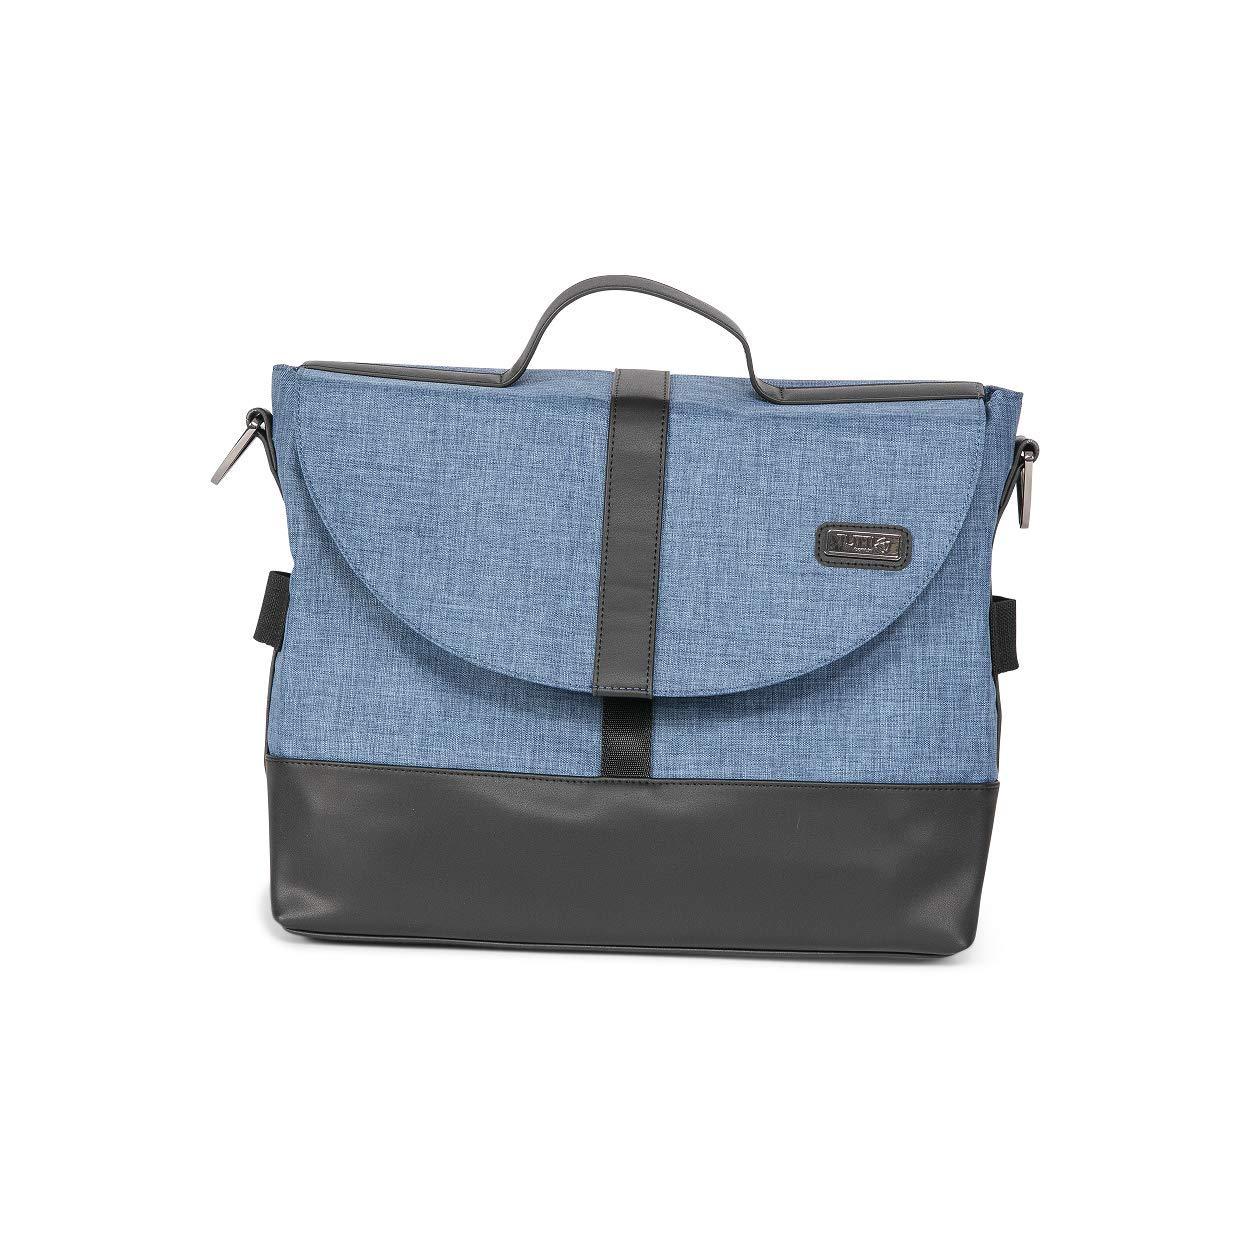 Tutti Bambini Medio Changing Bag Oatmeal